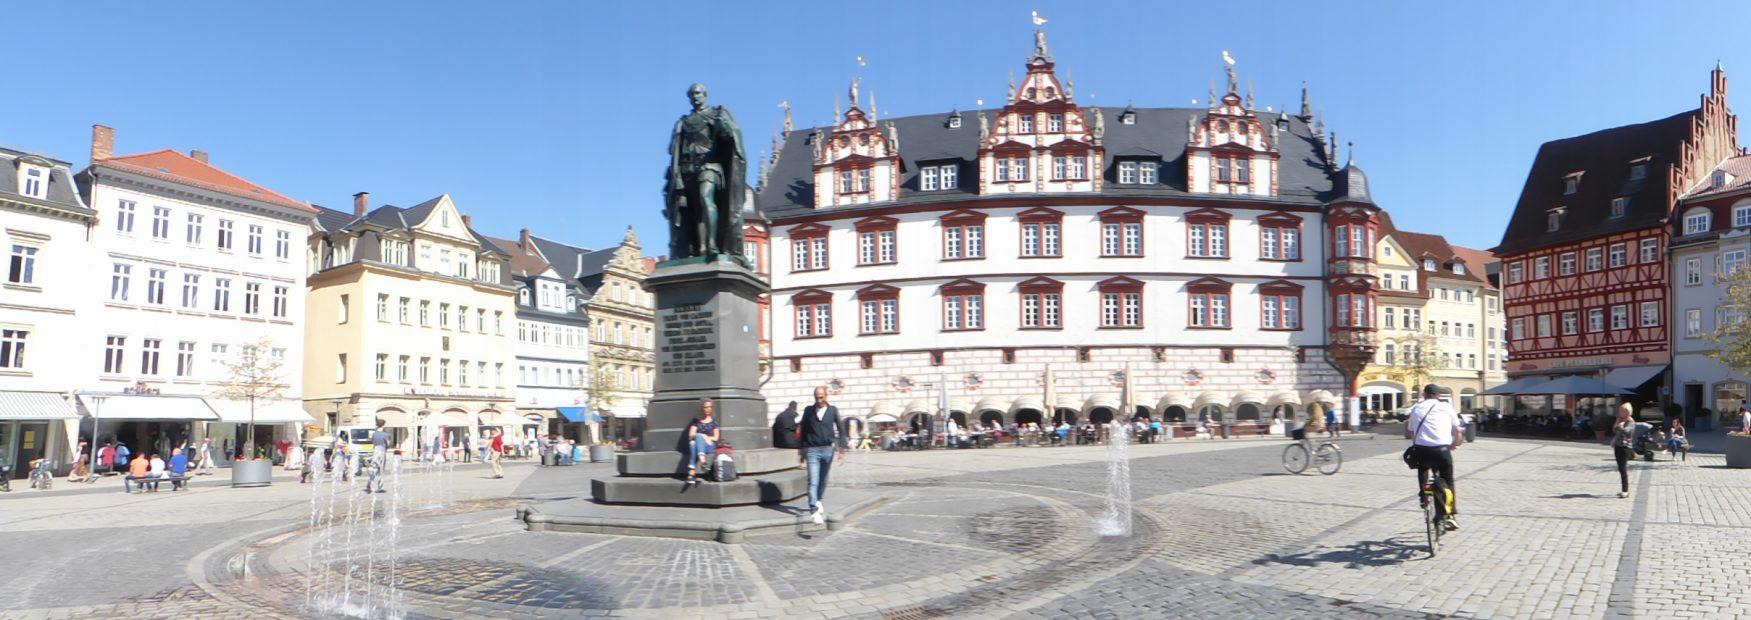 Der Marktplatz mit dem Coburger Statdhaus. In seiner Mitte steht das Prinz-Albert-Denkmal, Foto: Weirauch